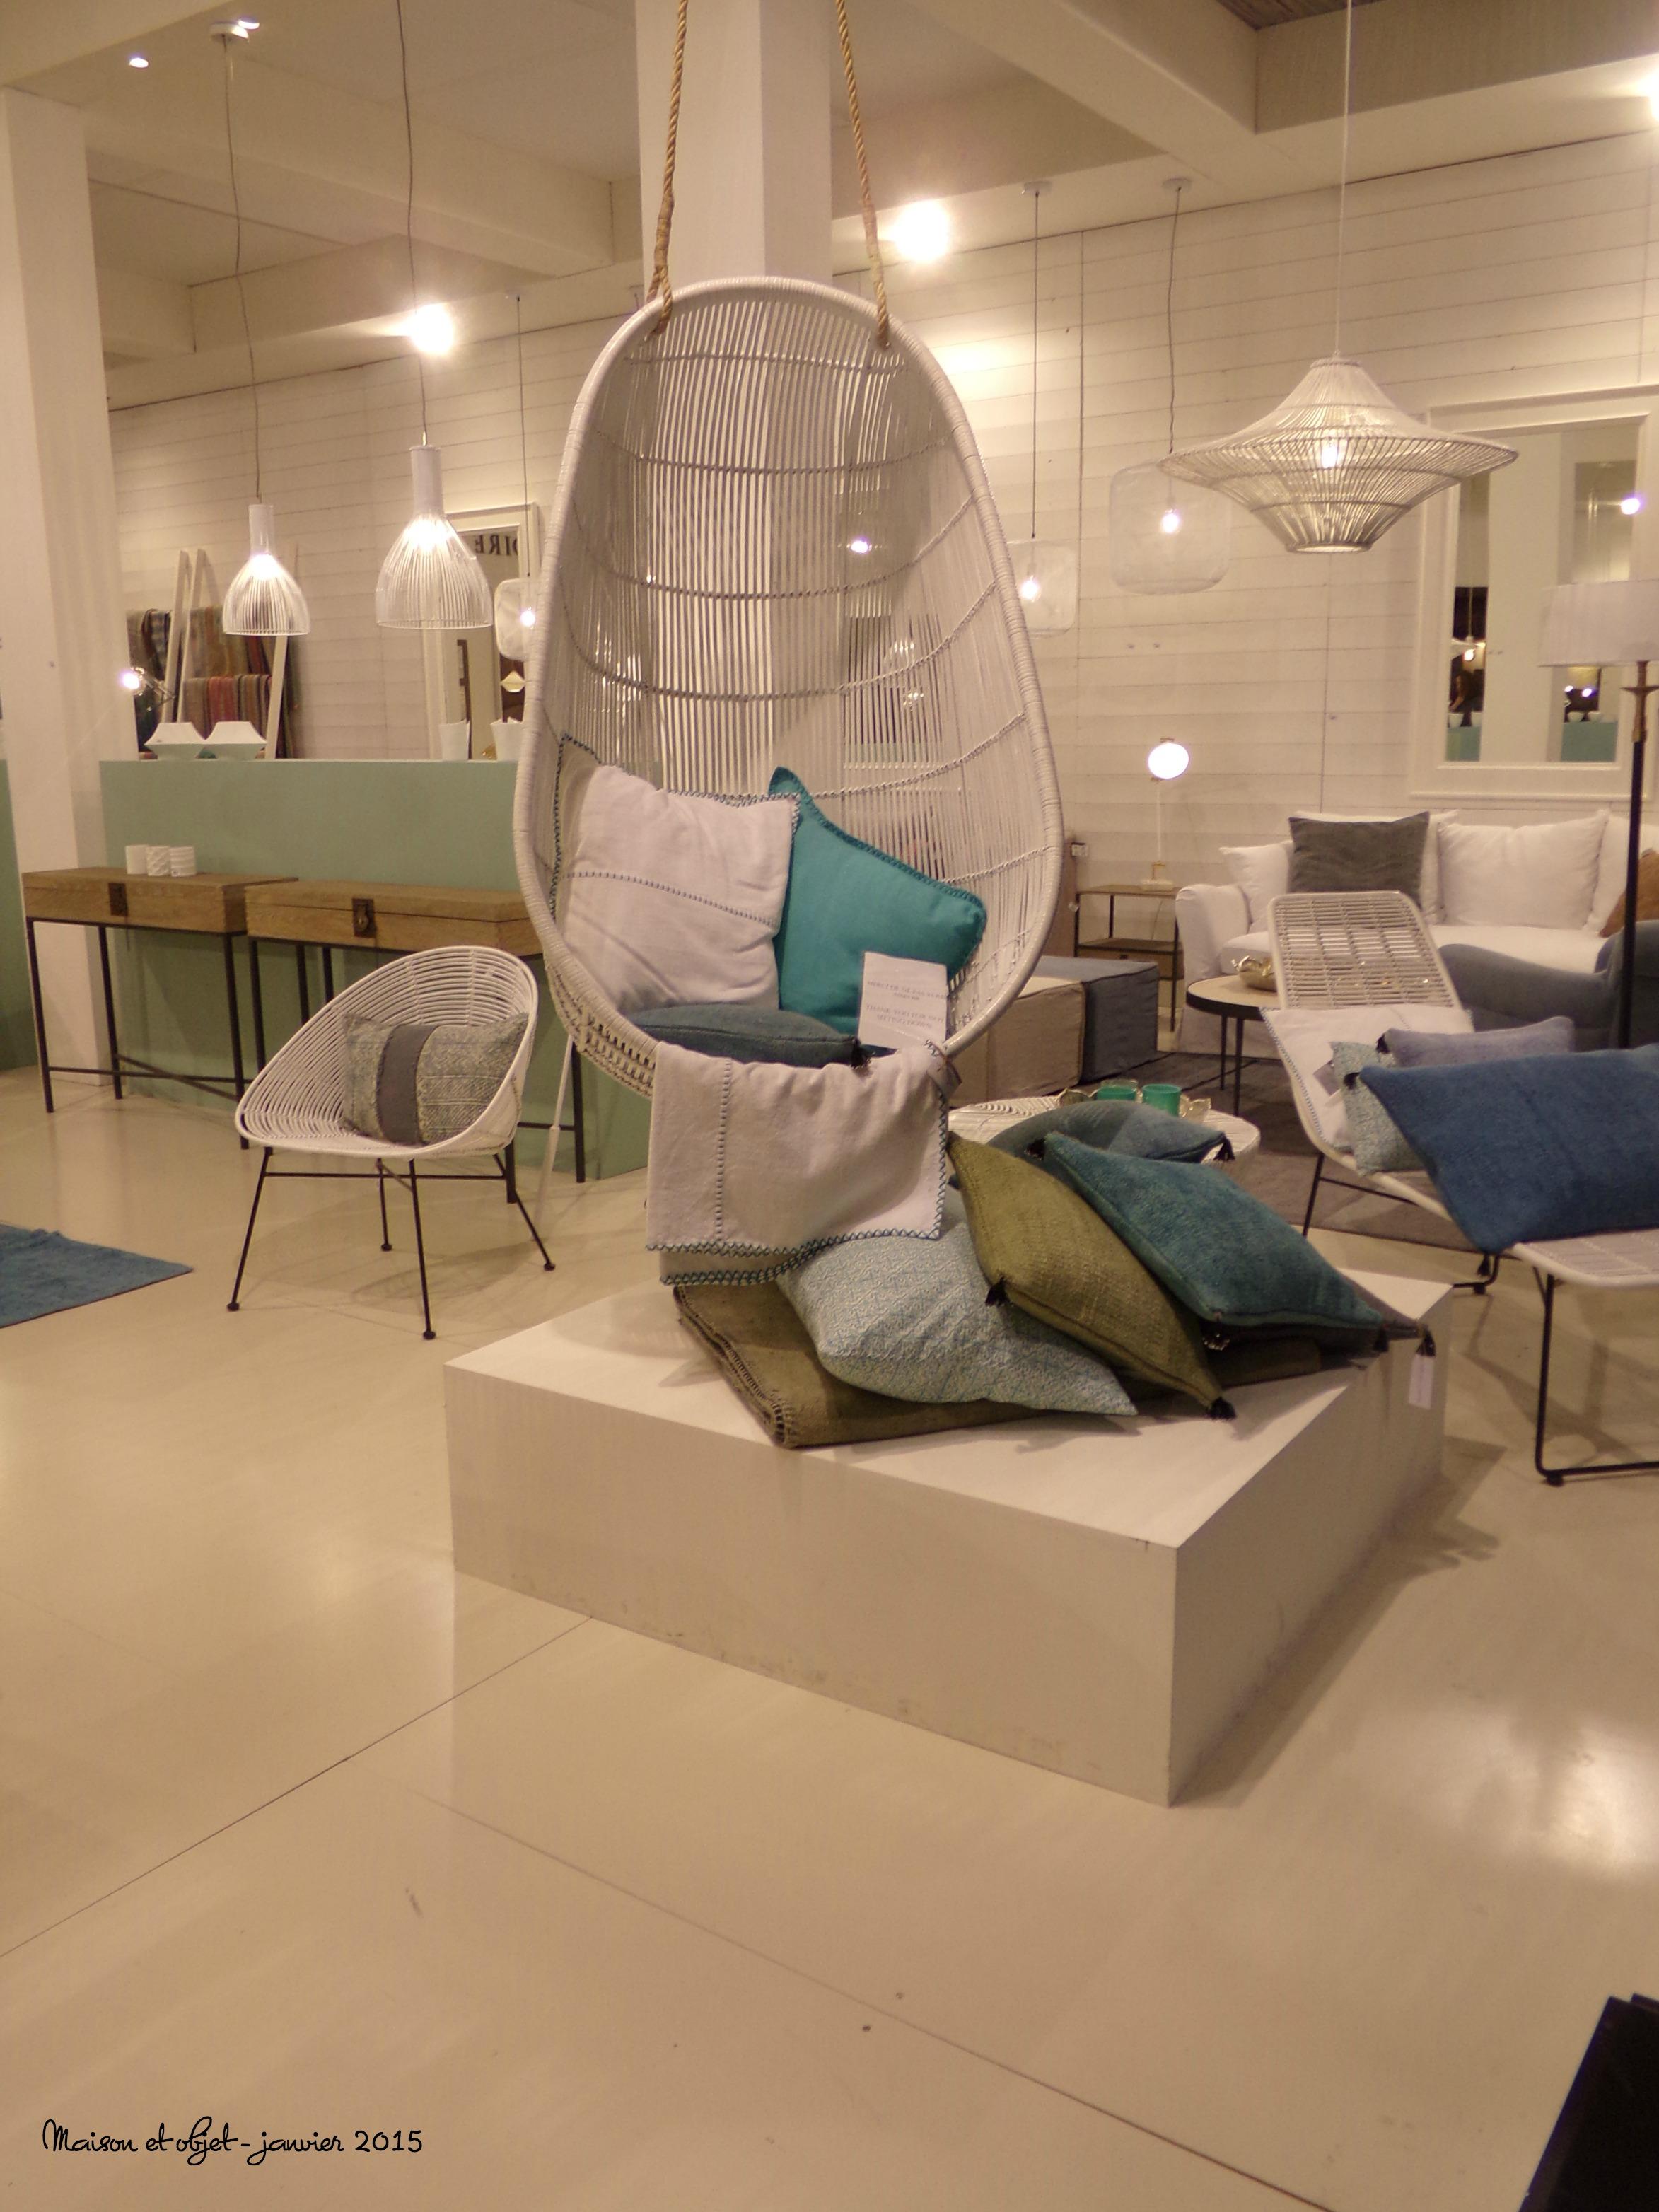 maison objet janvier 2015 partie 2 cocon d co vie nomade. Black Bedroom Furniture Sets. Home Design Ideas